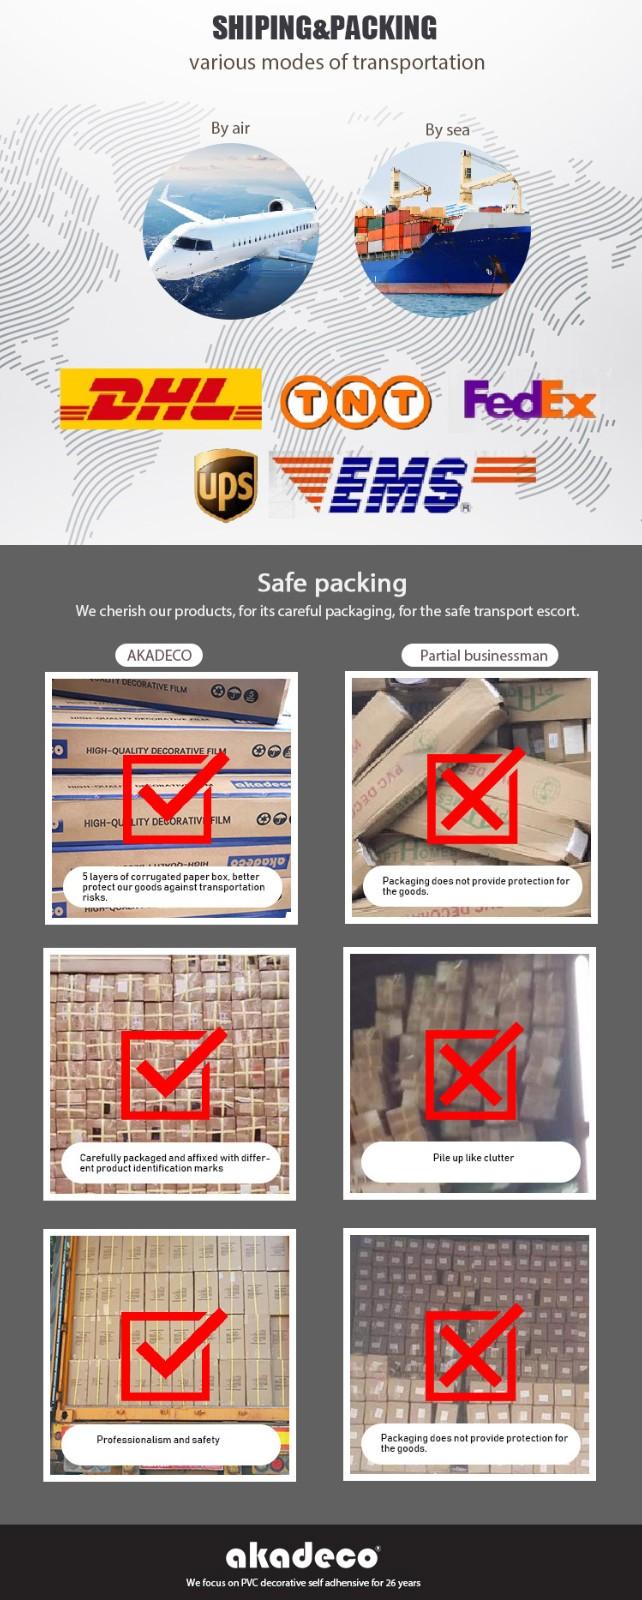 SUNYE backsplash without grout factory bulk production-12